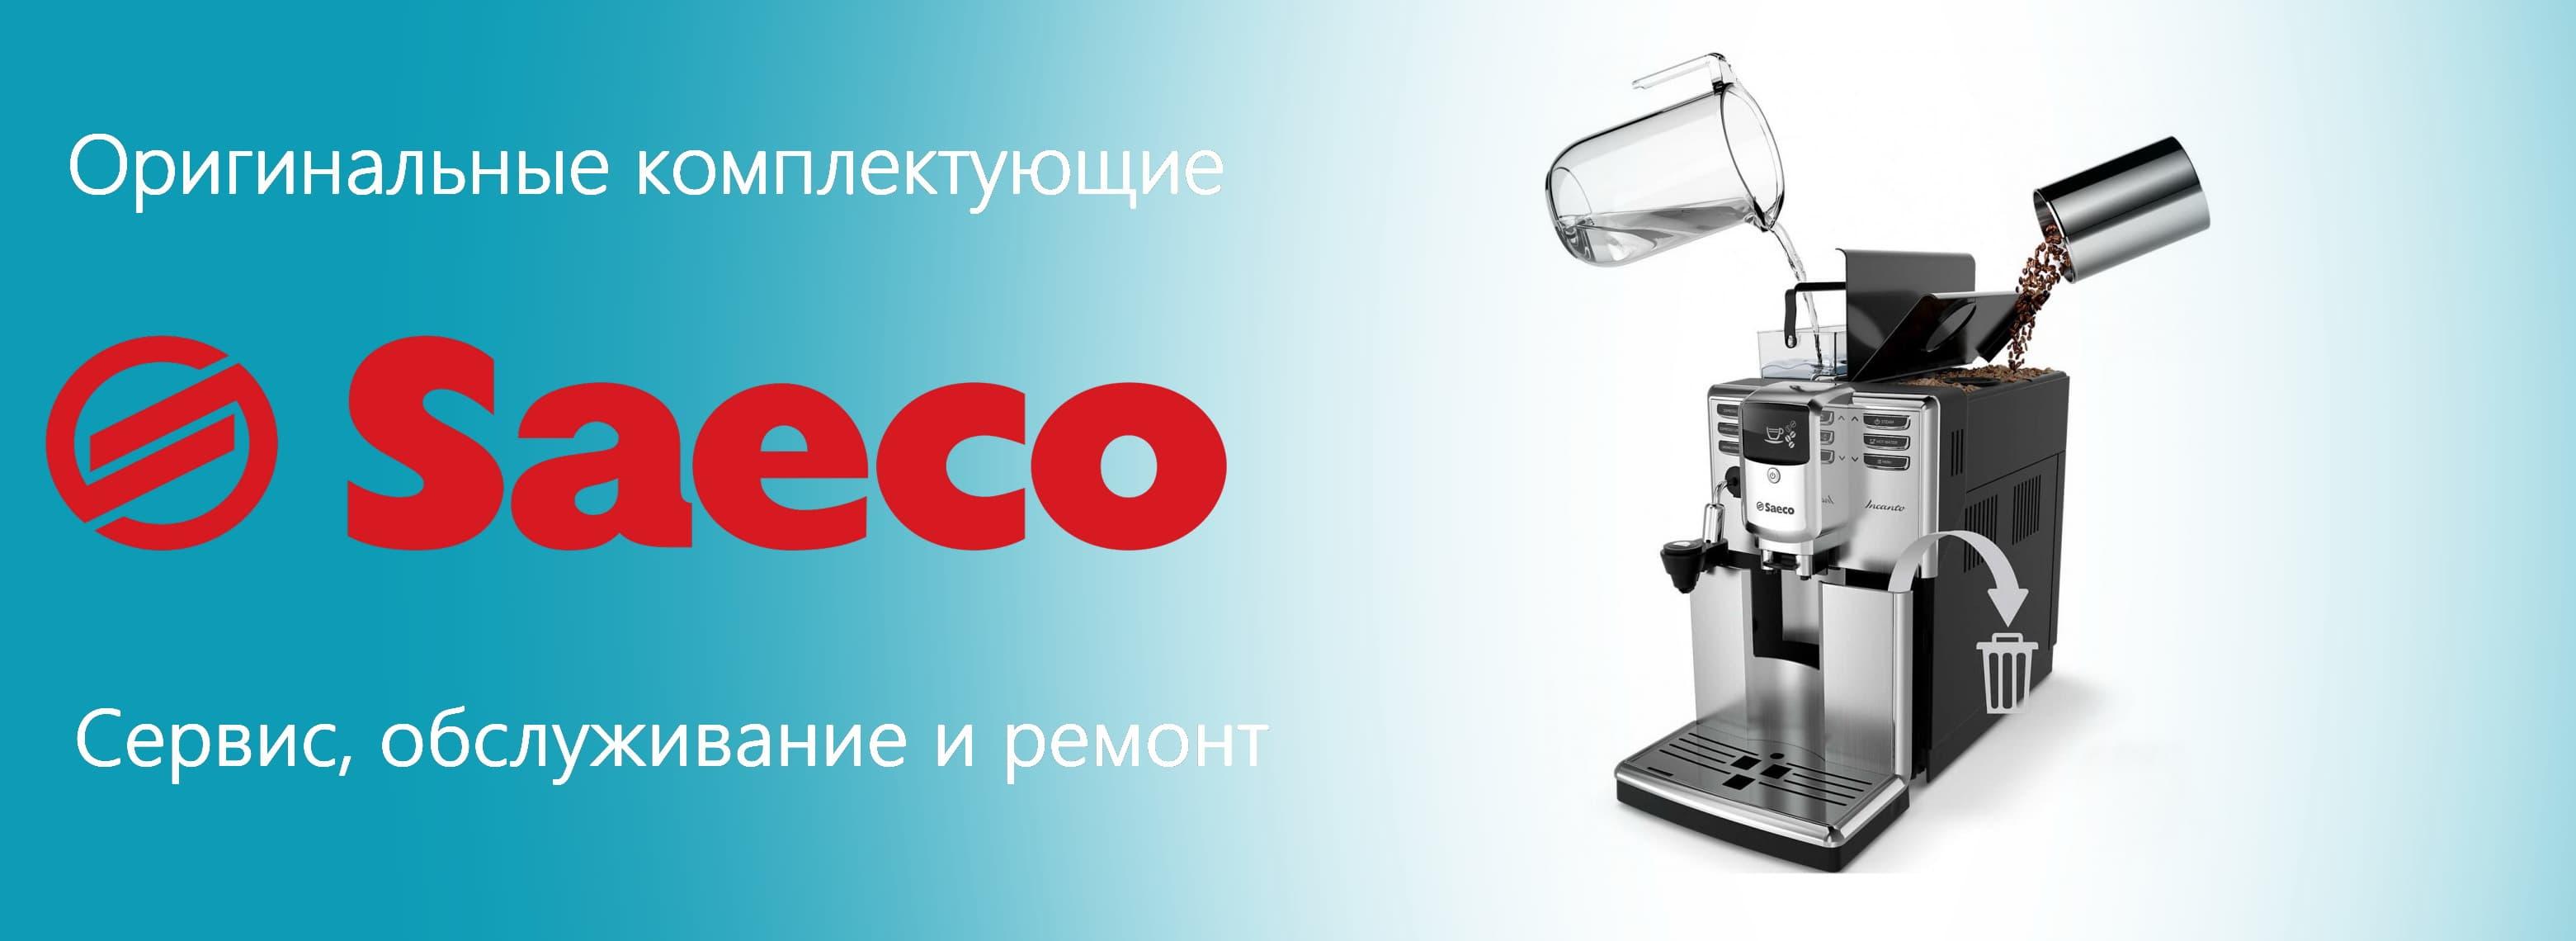 Оригинальные запчасти и ремонт кофемашин SAECO